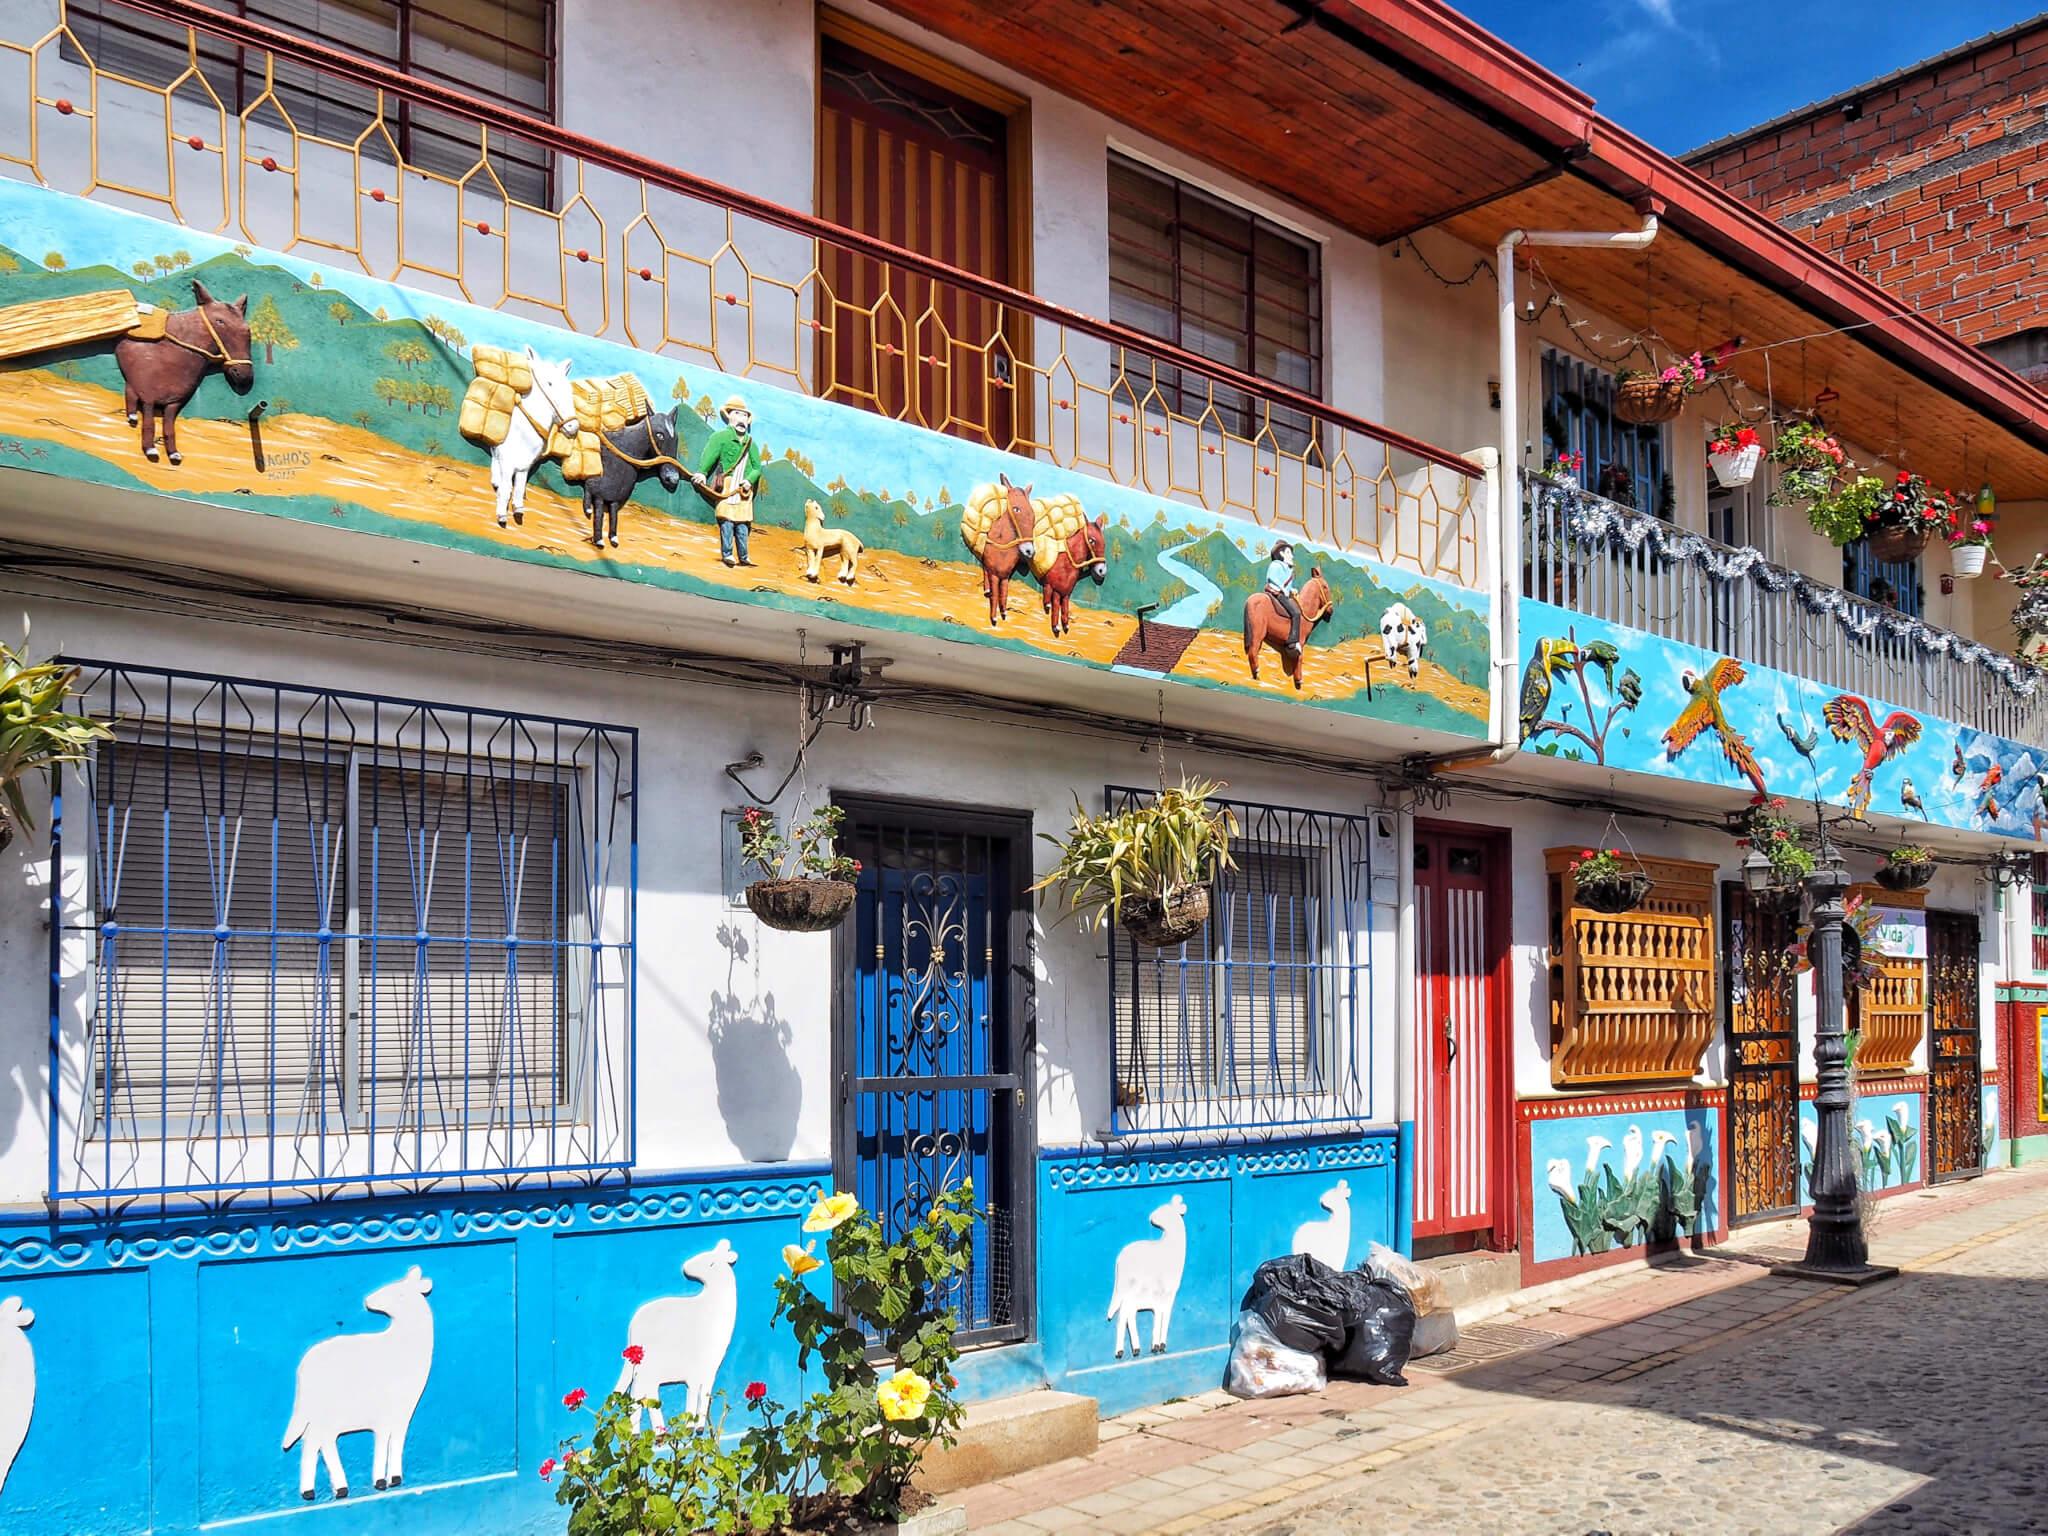 Colombia: Guatapé and La Piedra